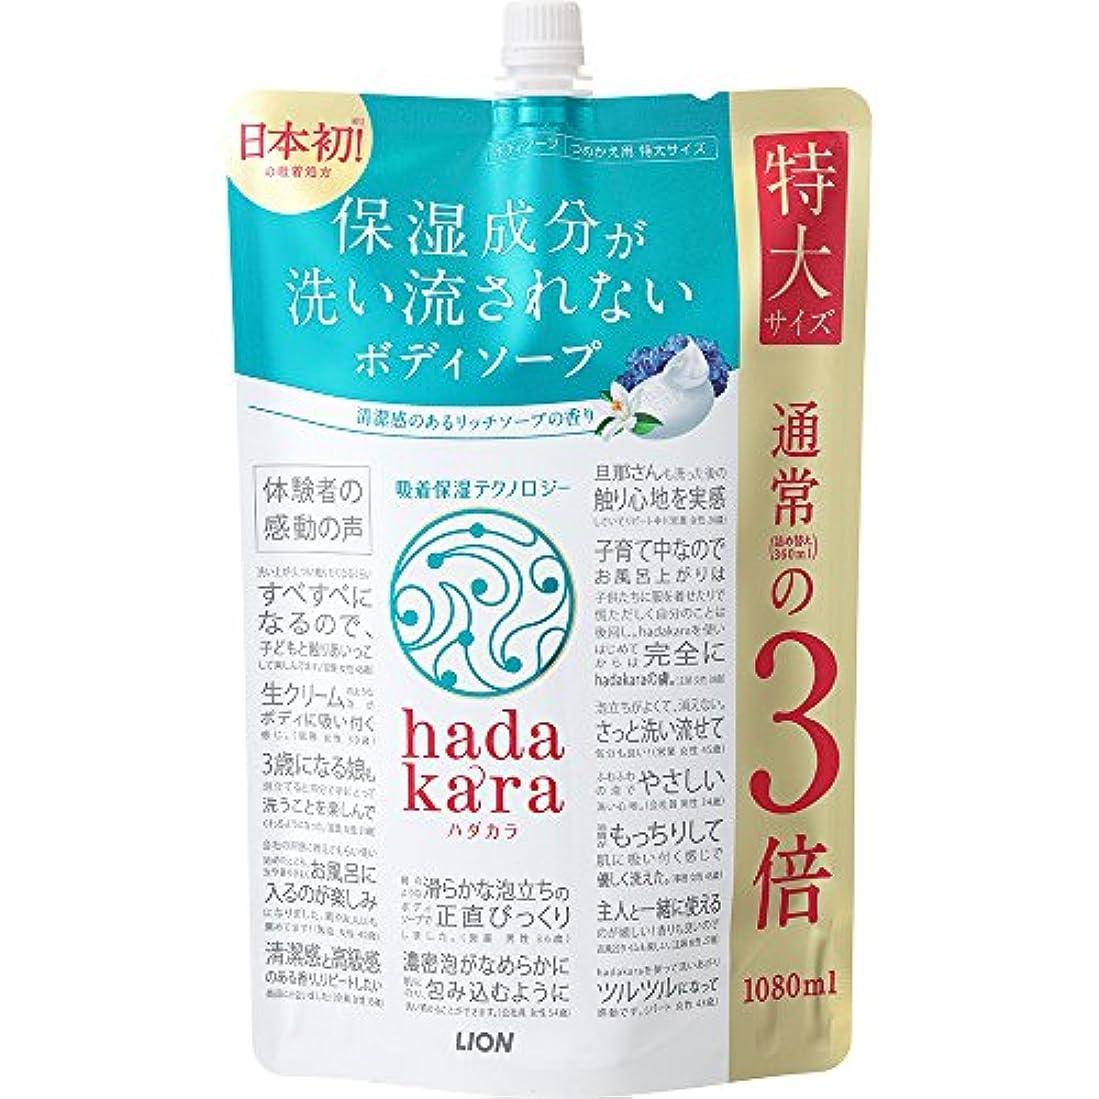 過半数ジョセフバンクスうまれた【大容量】hadakara(ハダカラ) ボディソープ リッチソープの香り 詰め替え 特大 1080ml